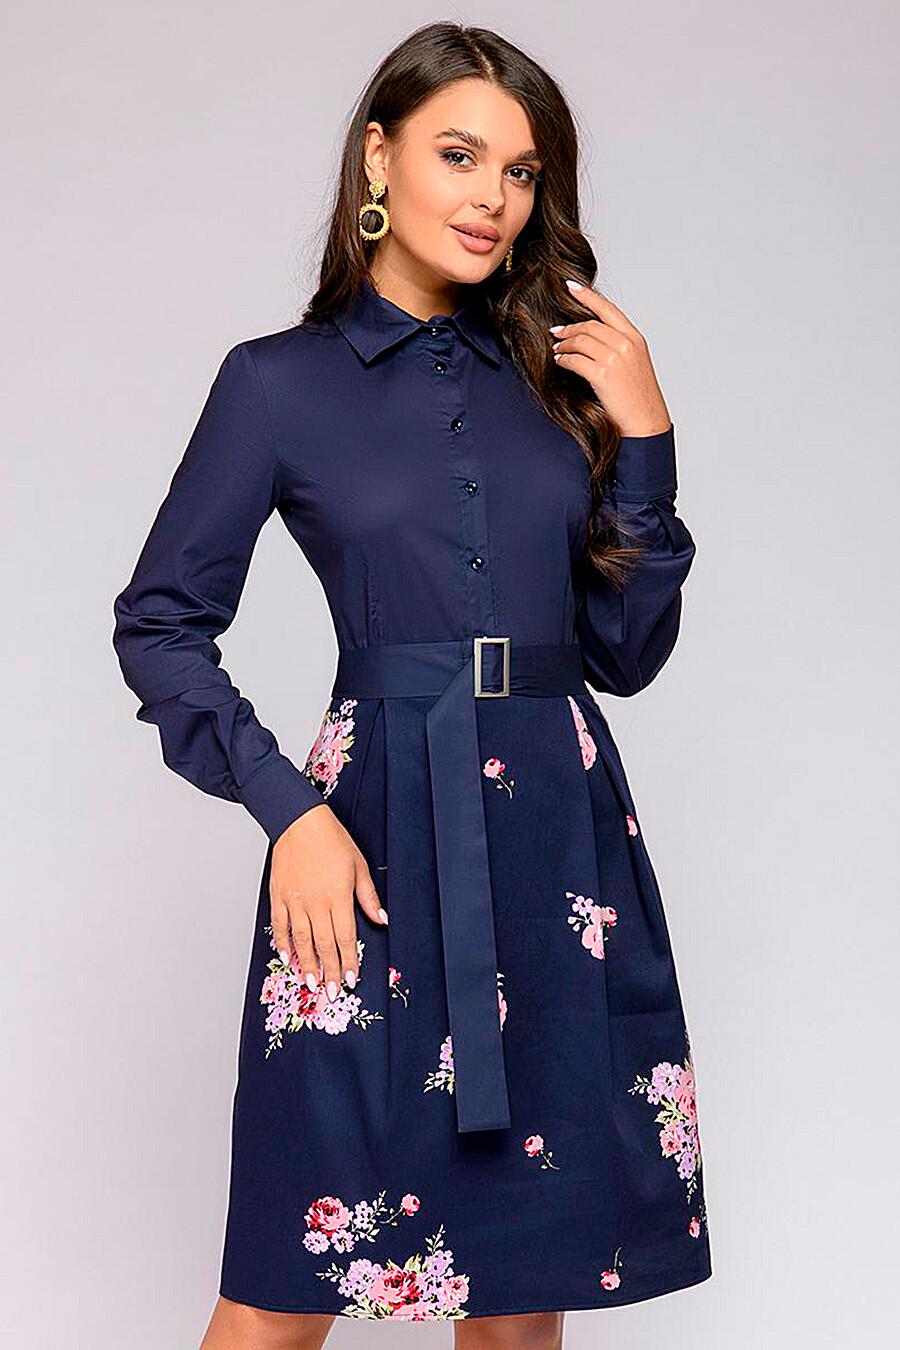 Платье для женщин 1001 DRESS 239545 купить оптом от производителя. Совместная покупка женской одежды в OptMoyo